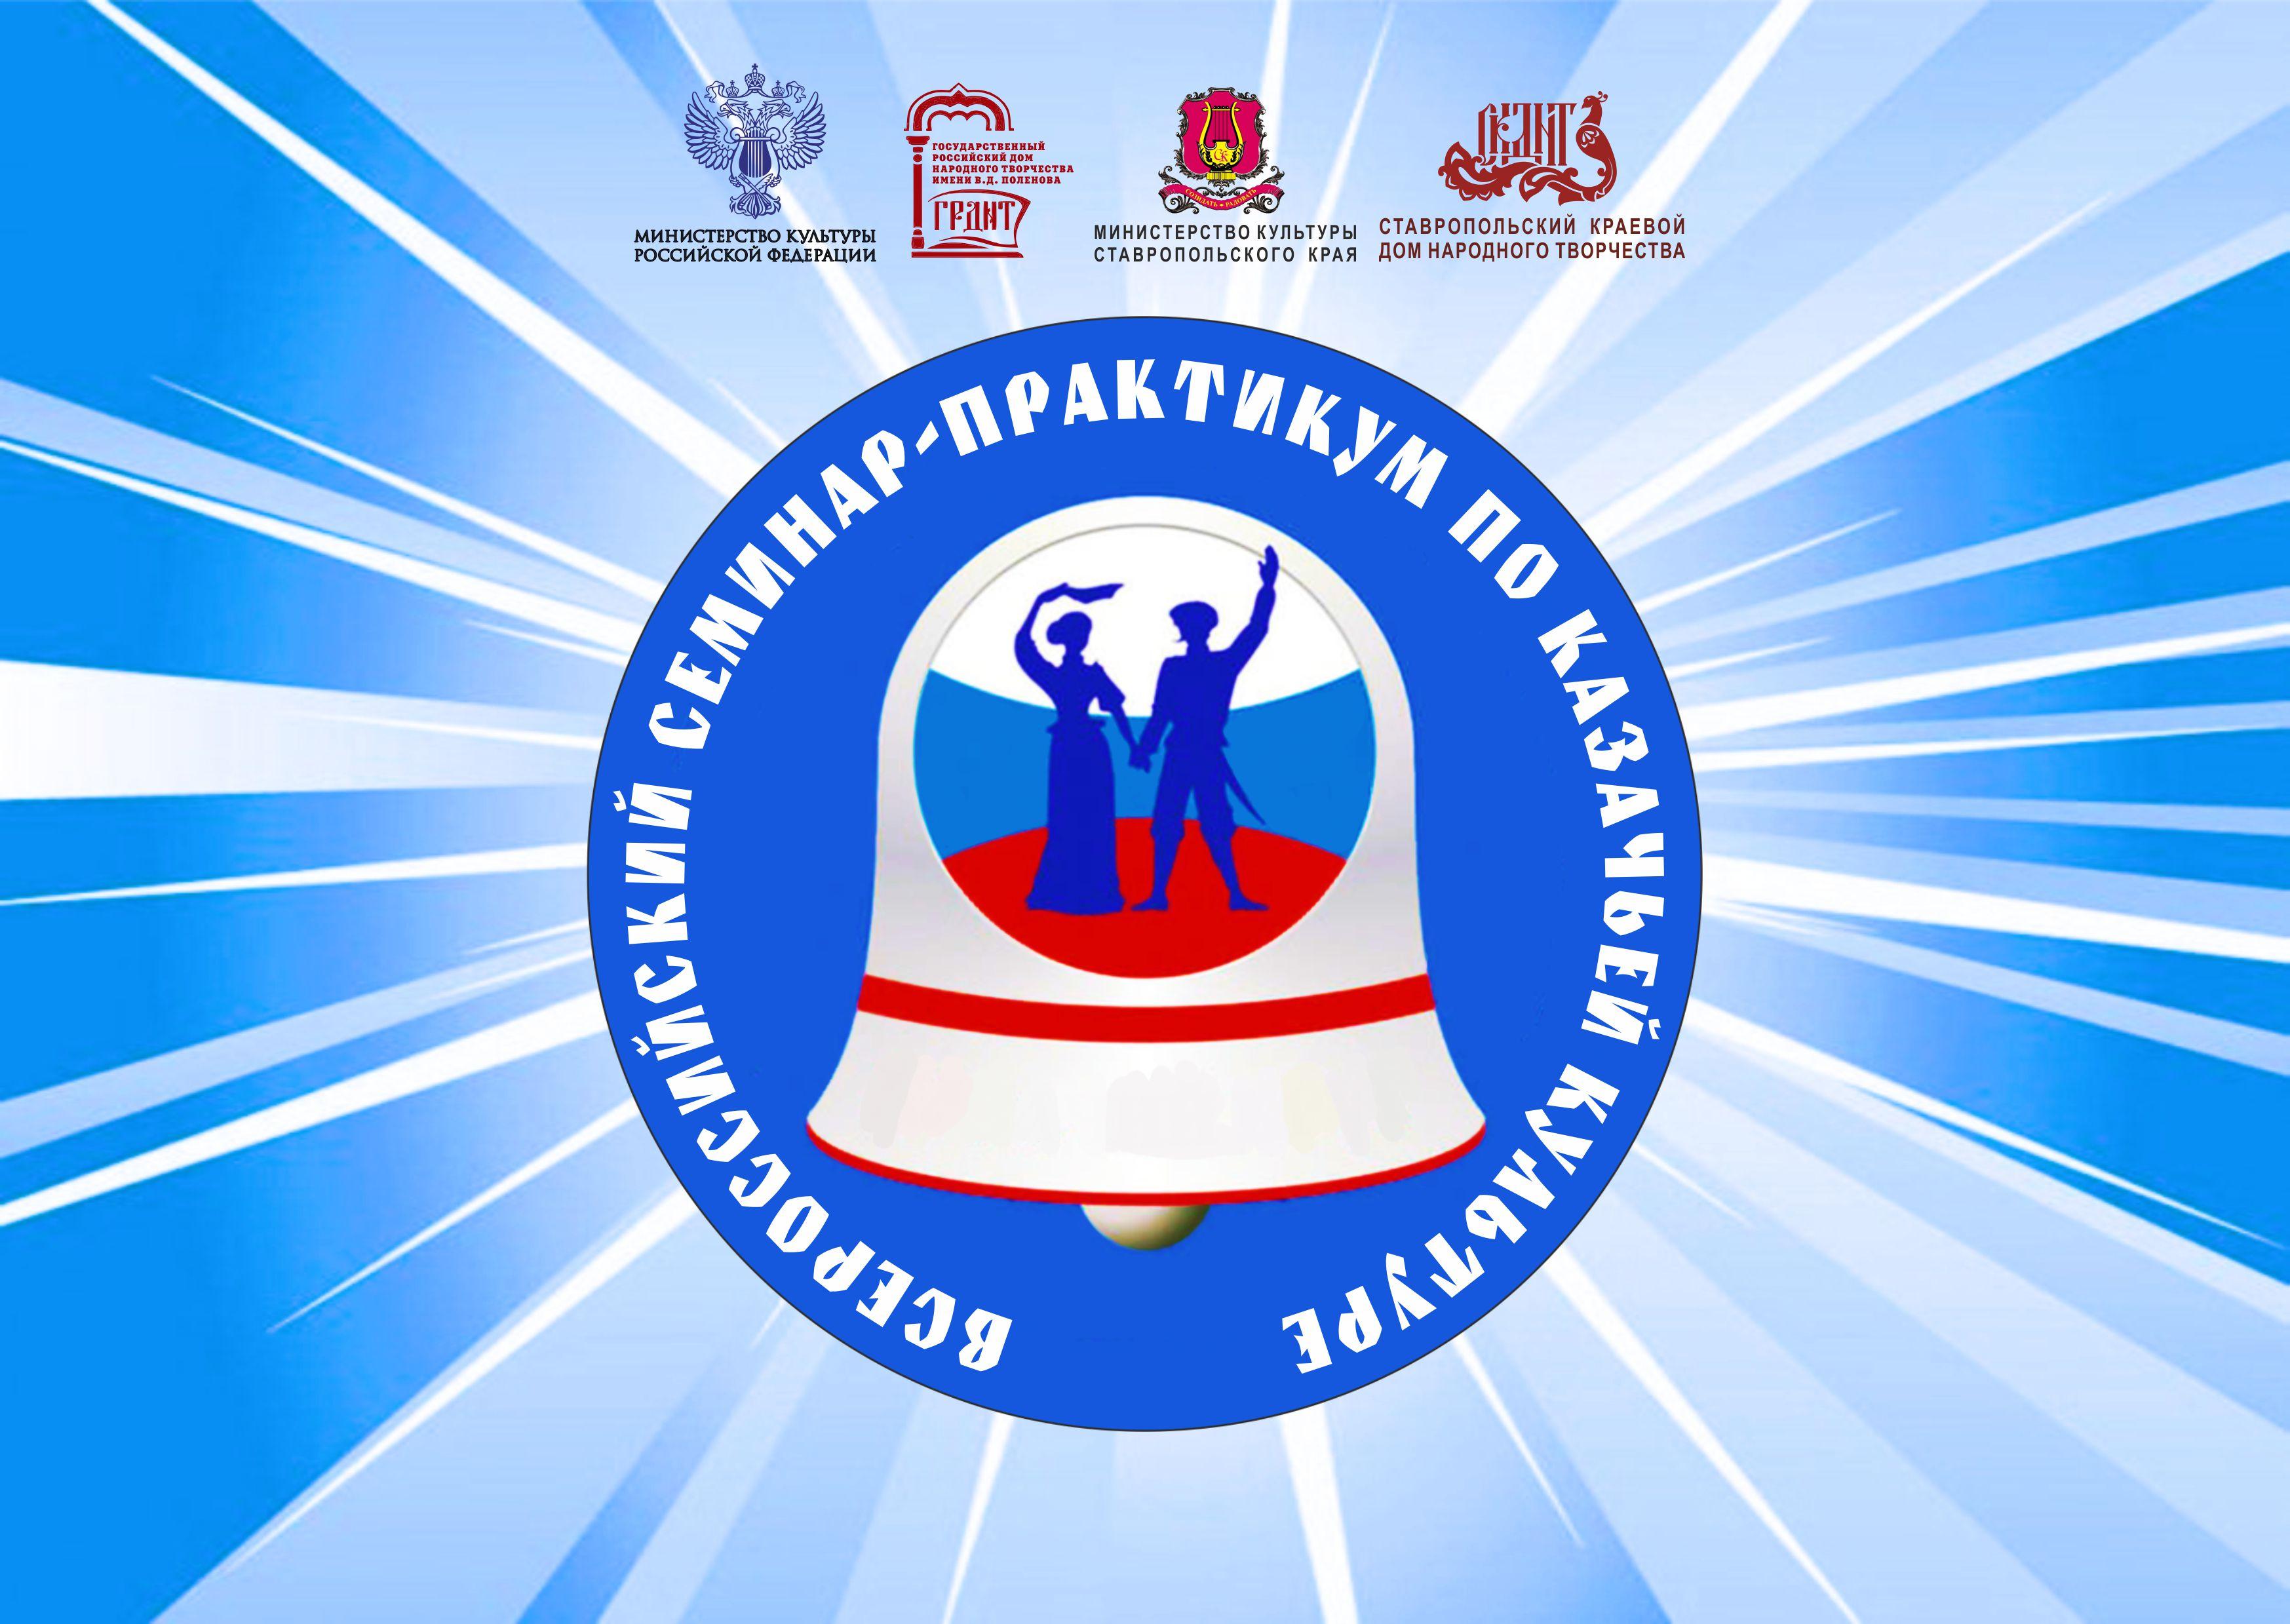 Всероссийский семинар-практикум по казачьей культуре начнет свою работу